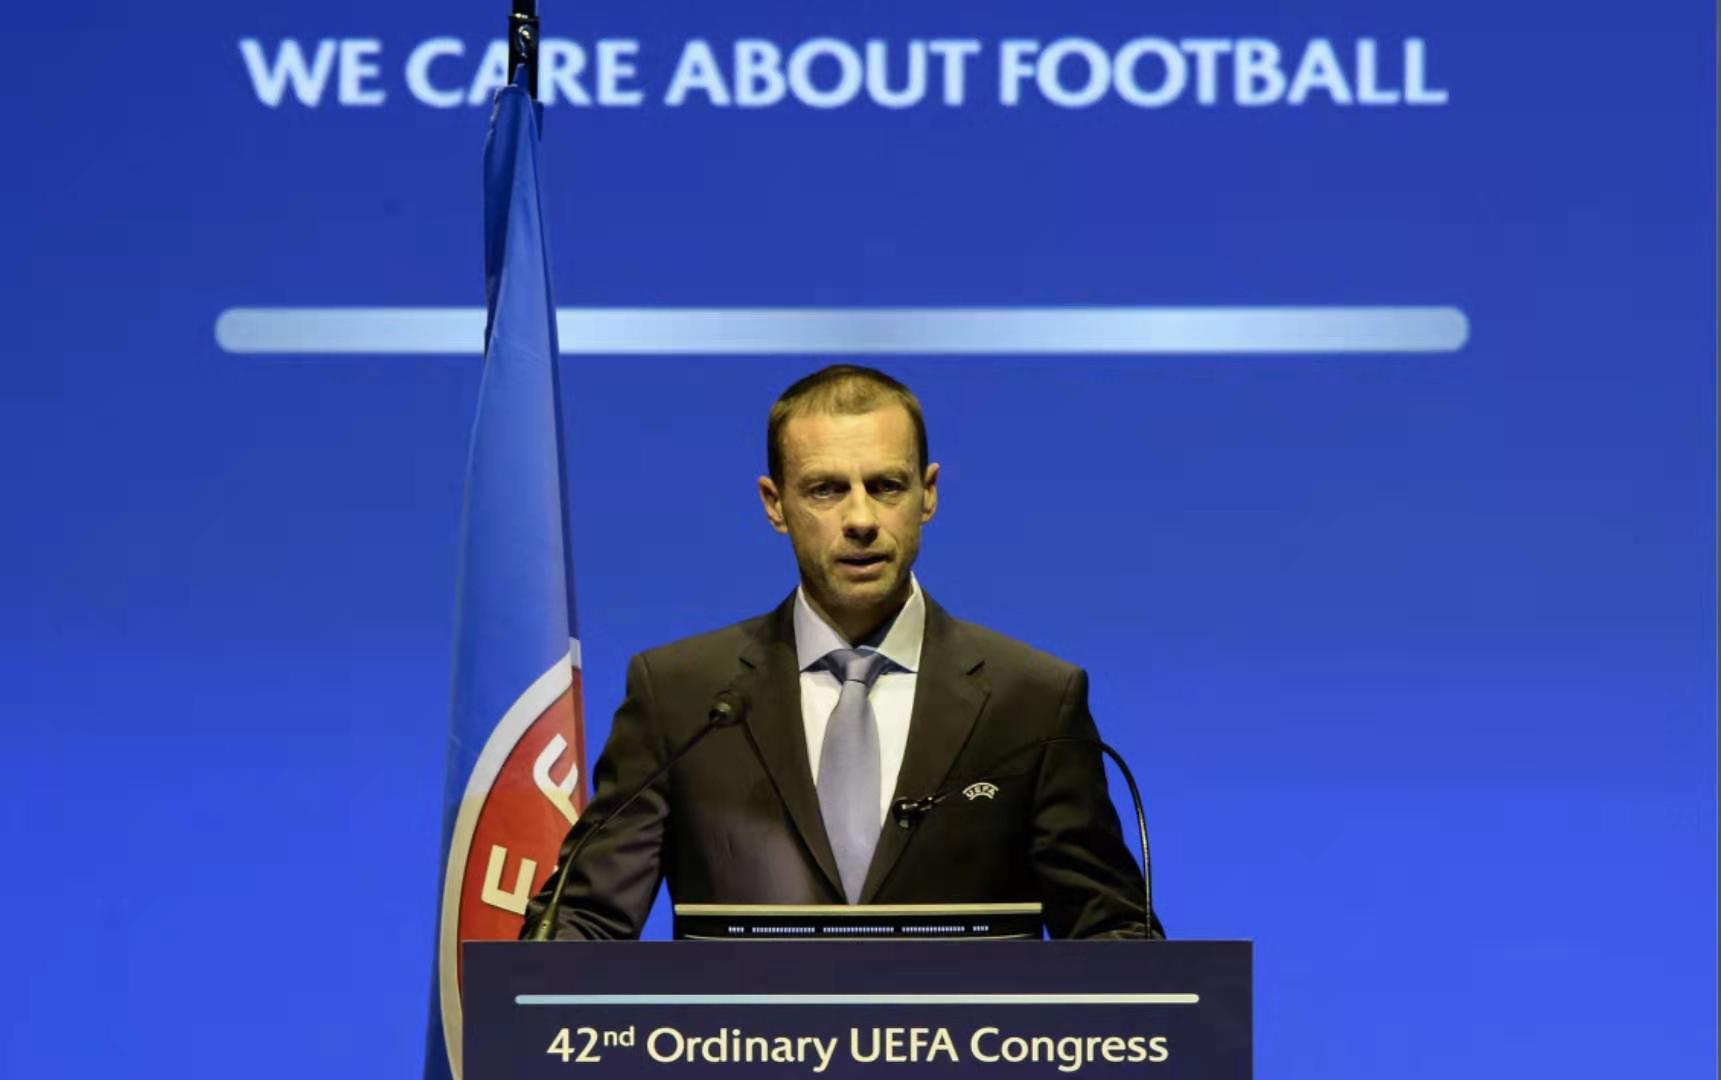 天富娱乐会员欧超闹剧落幕,欧足联暂停对涉事俱乐部纪律调查程序